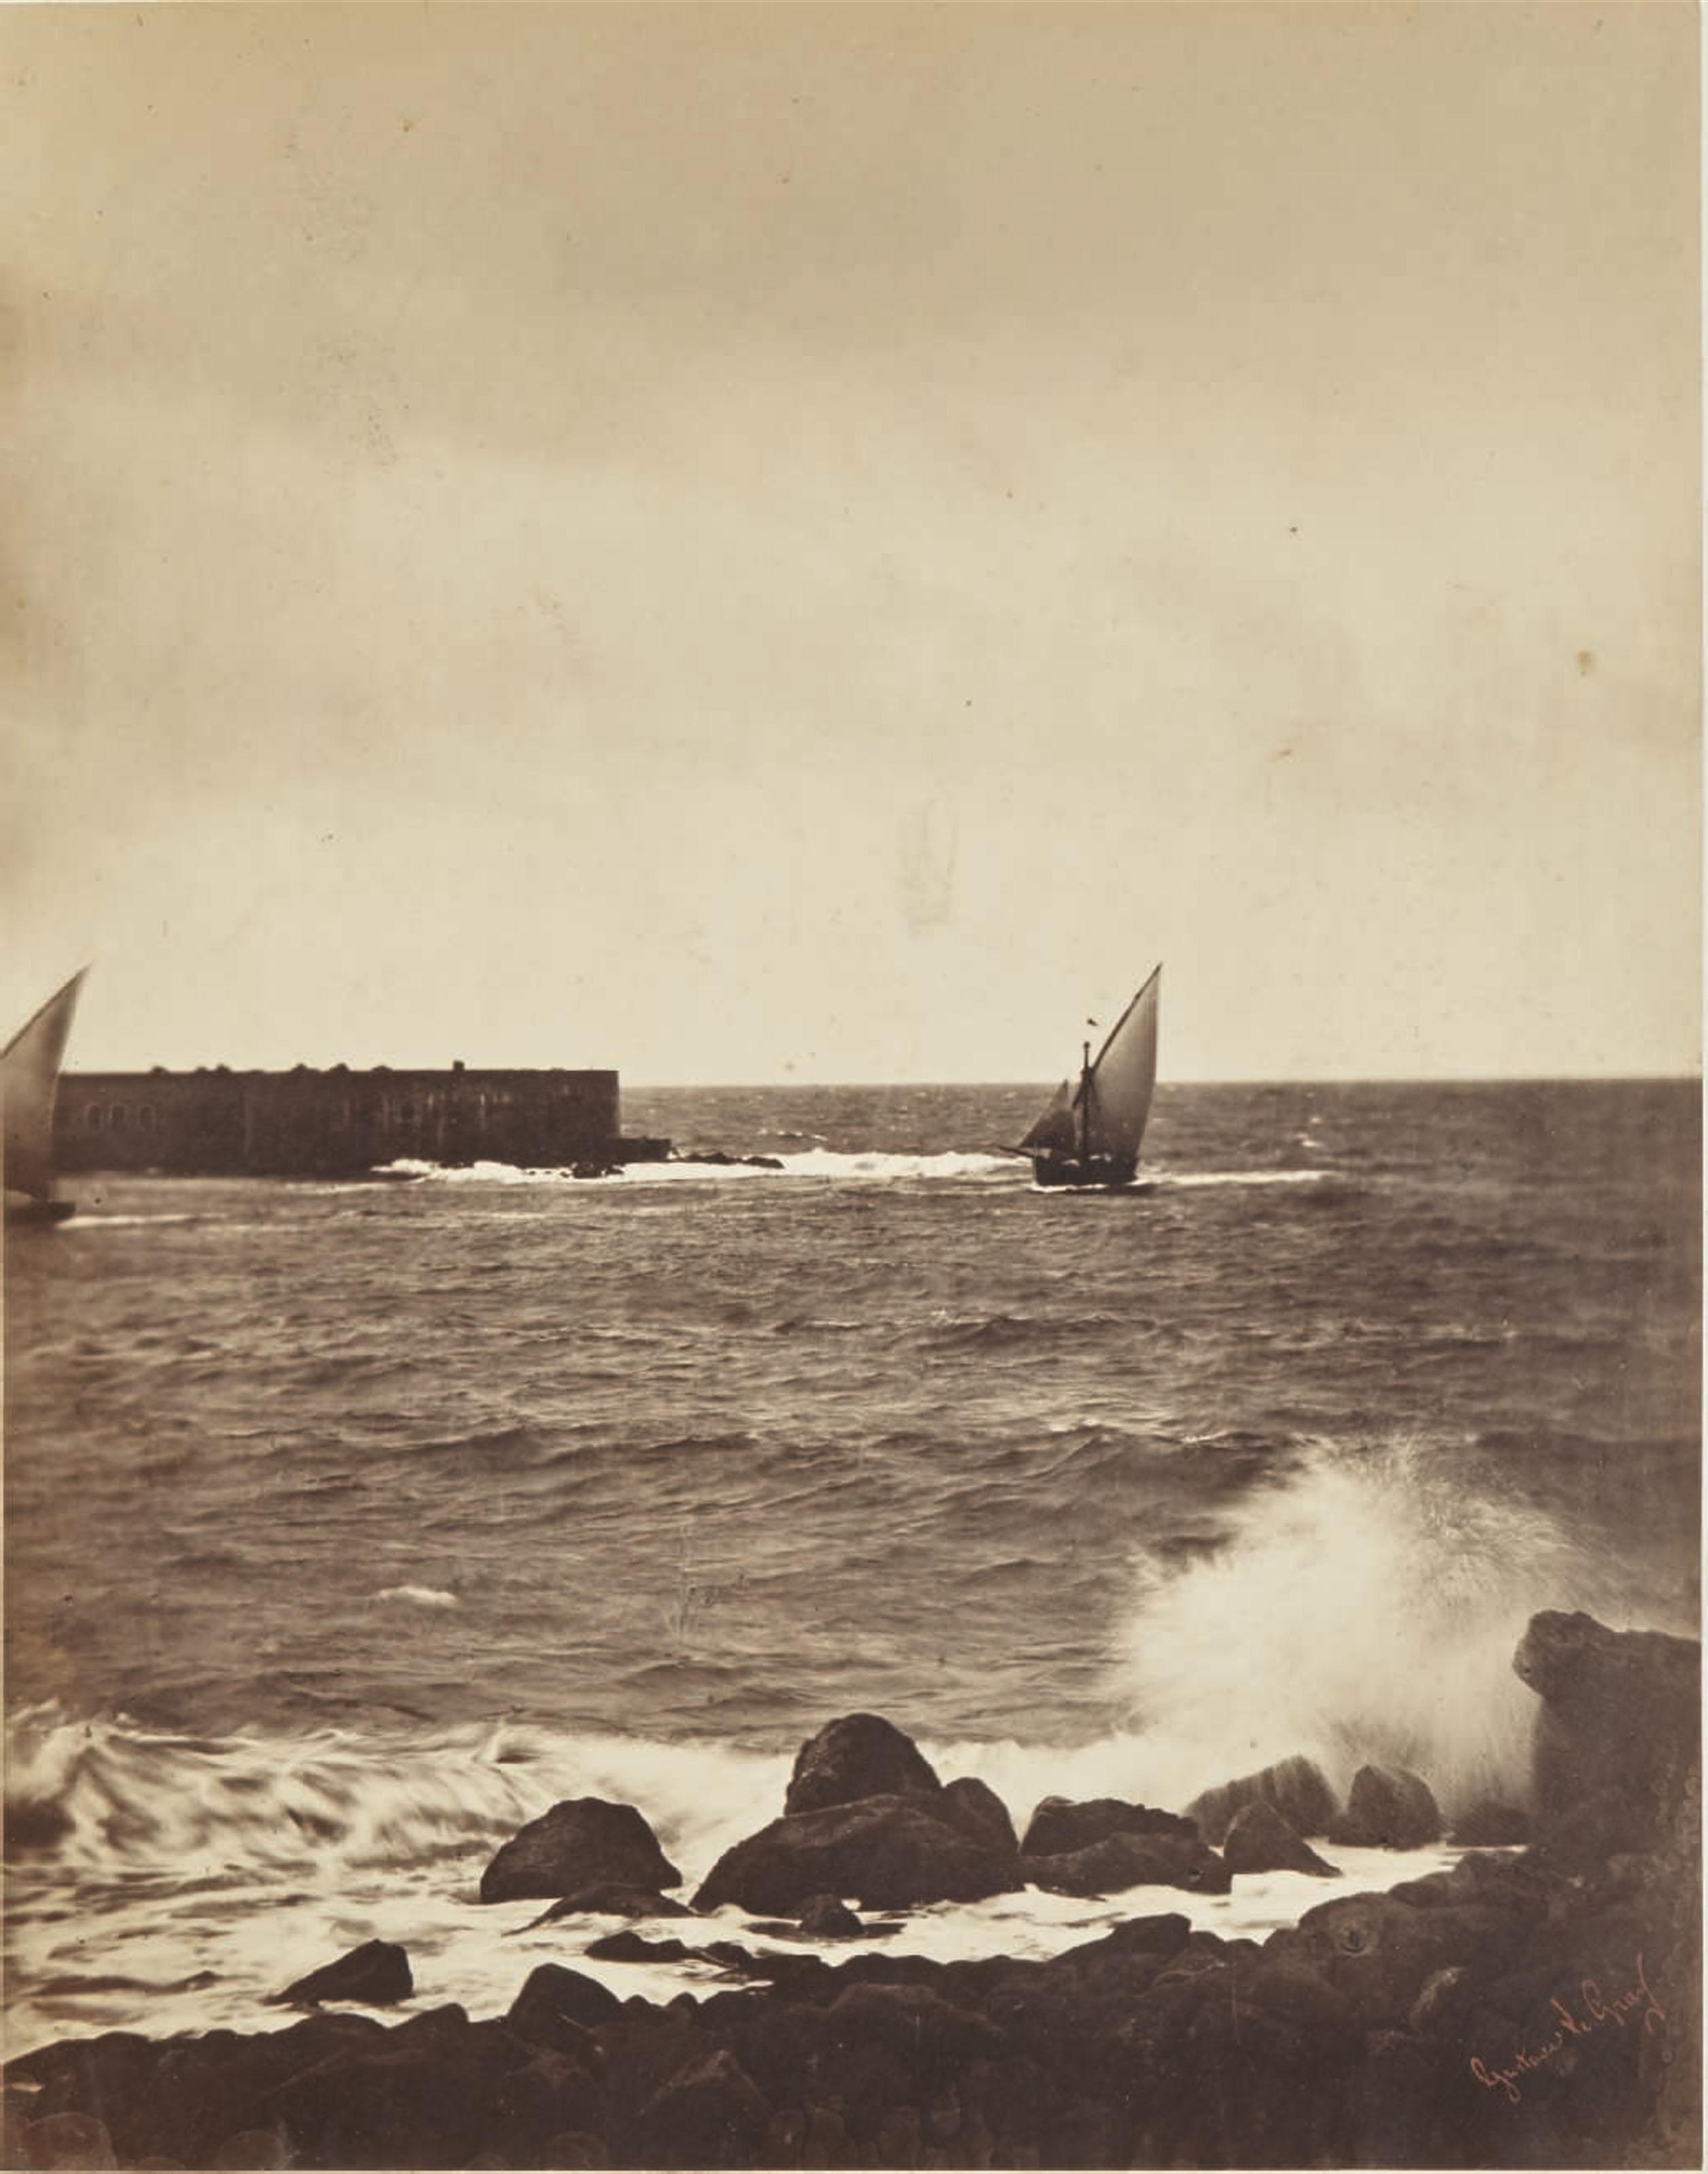 La vague brisée, mer Méditerranée, 1857